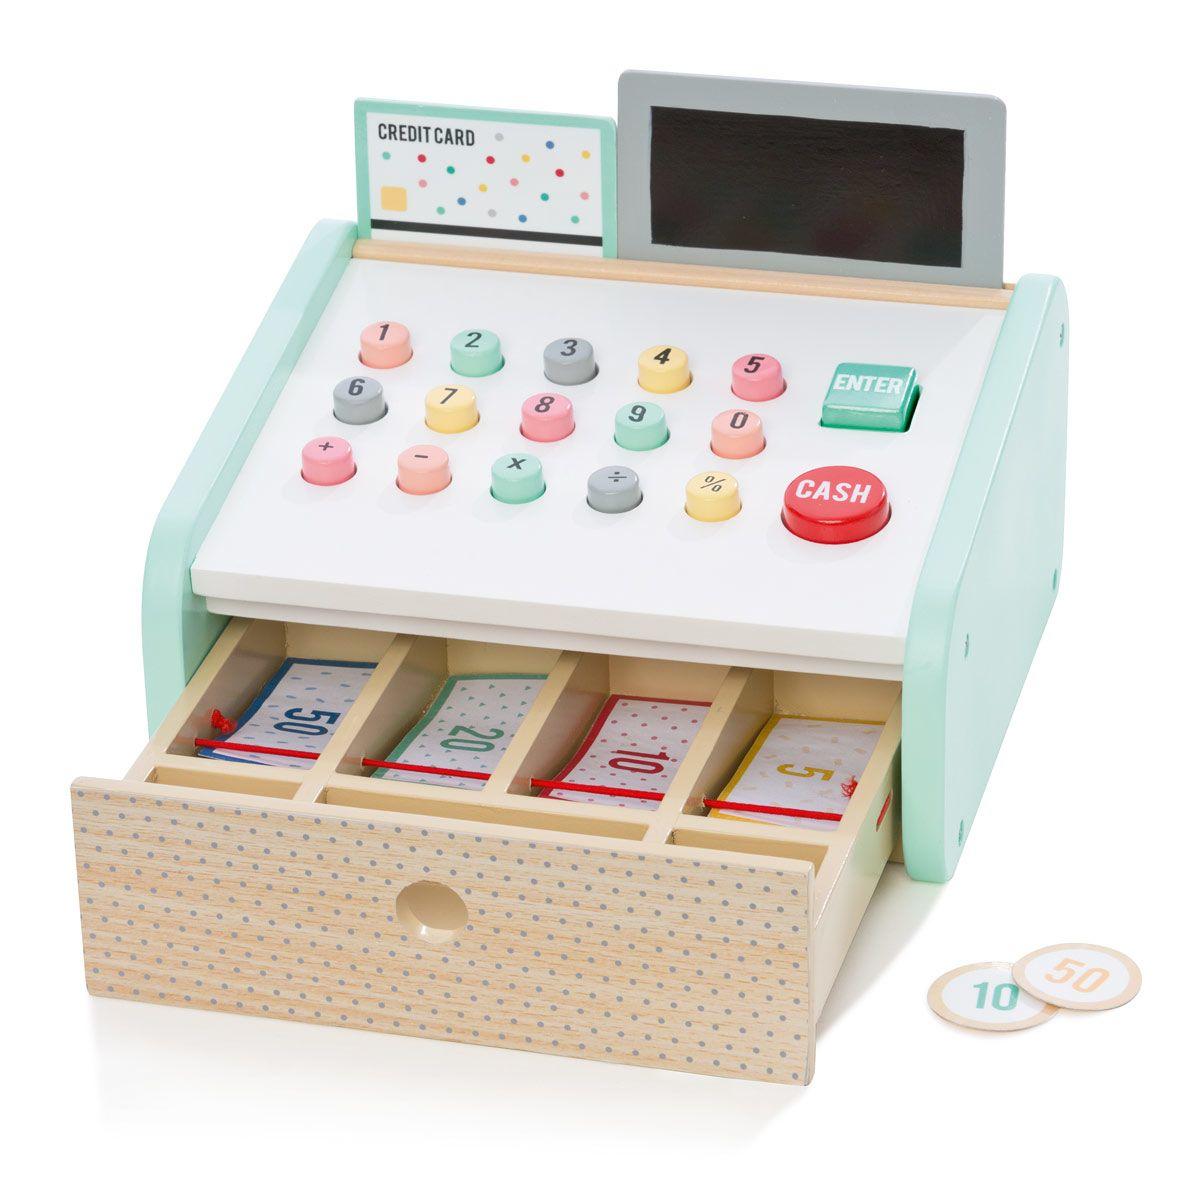 Toy Cash Register Kmart Toy cash register, Kids toys